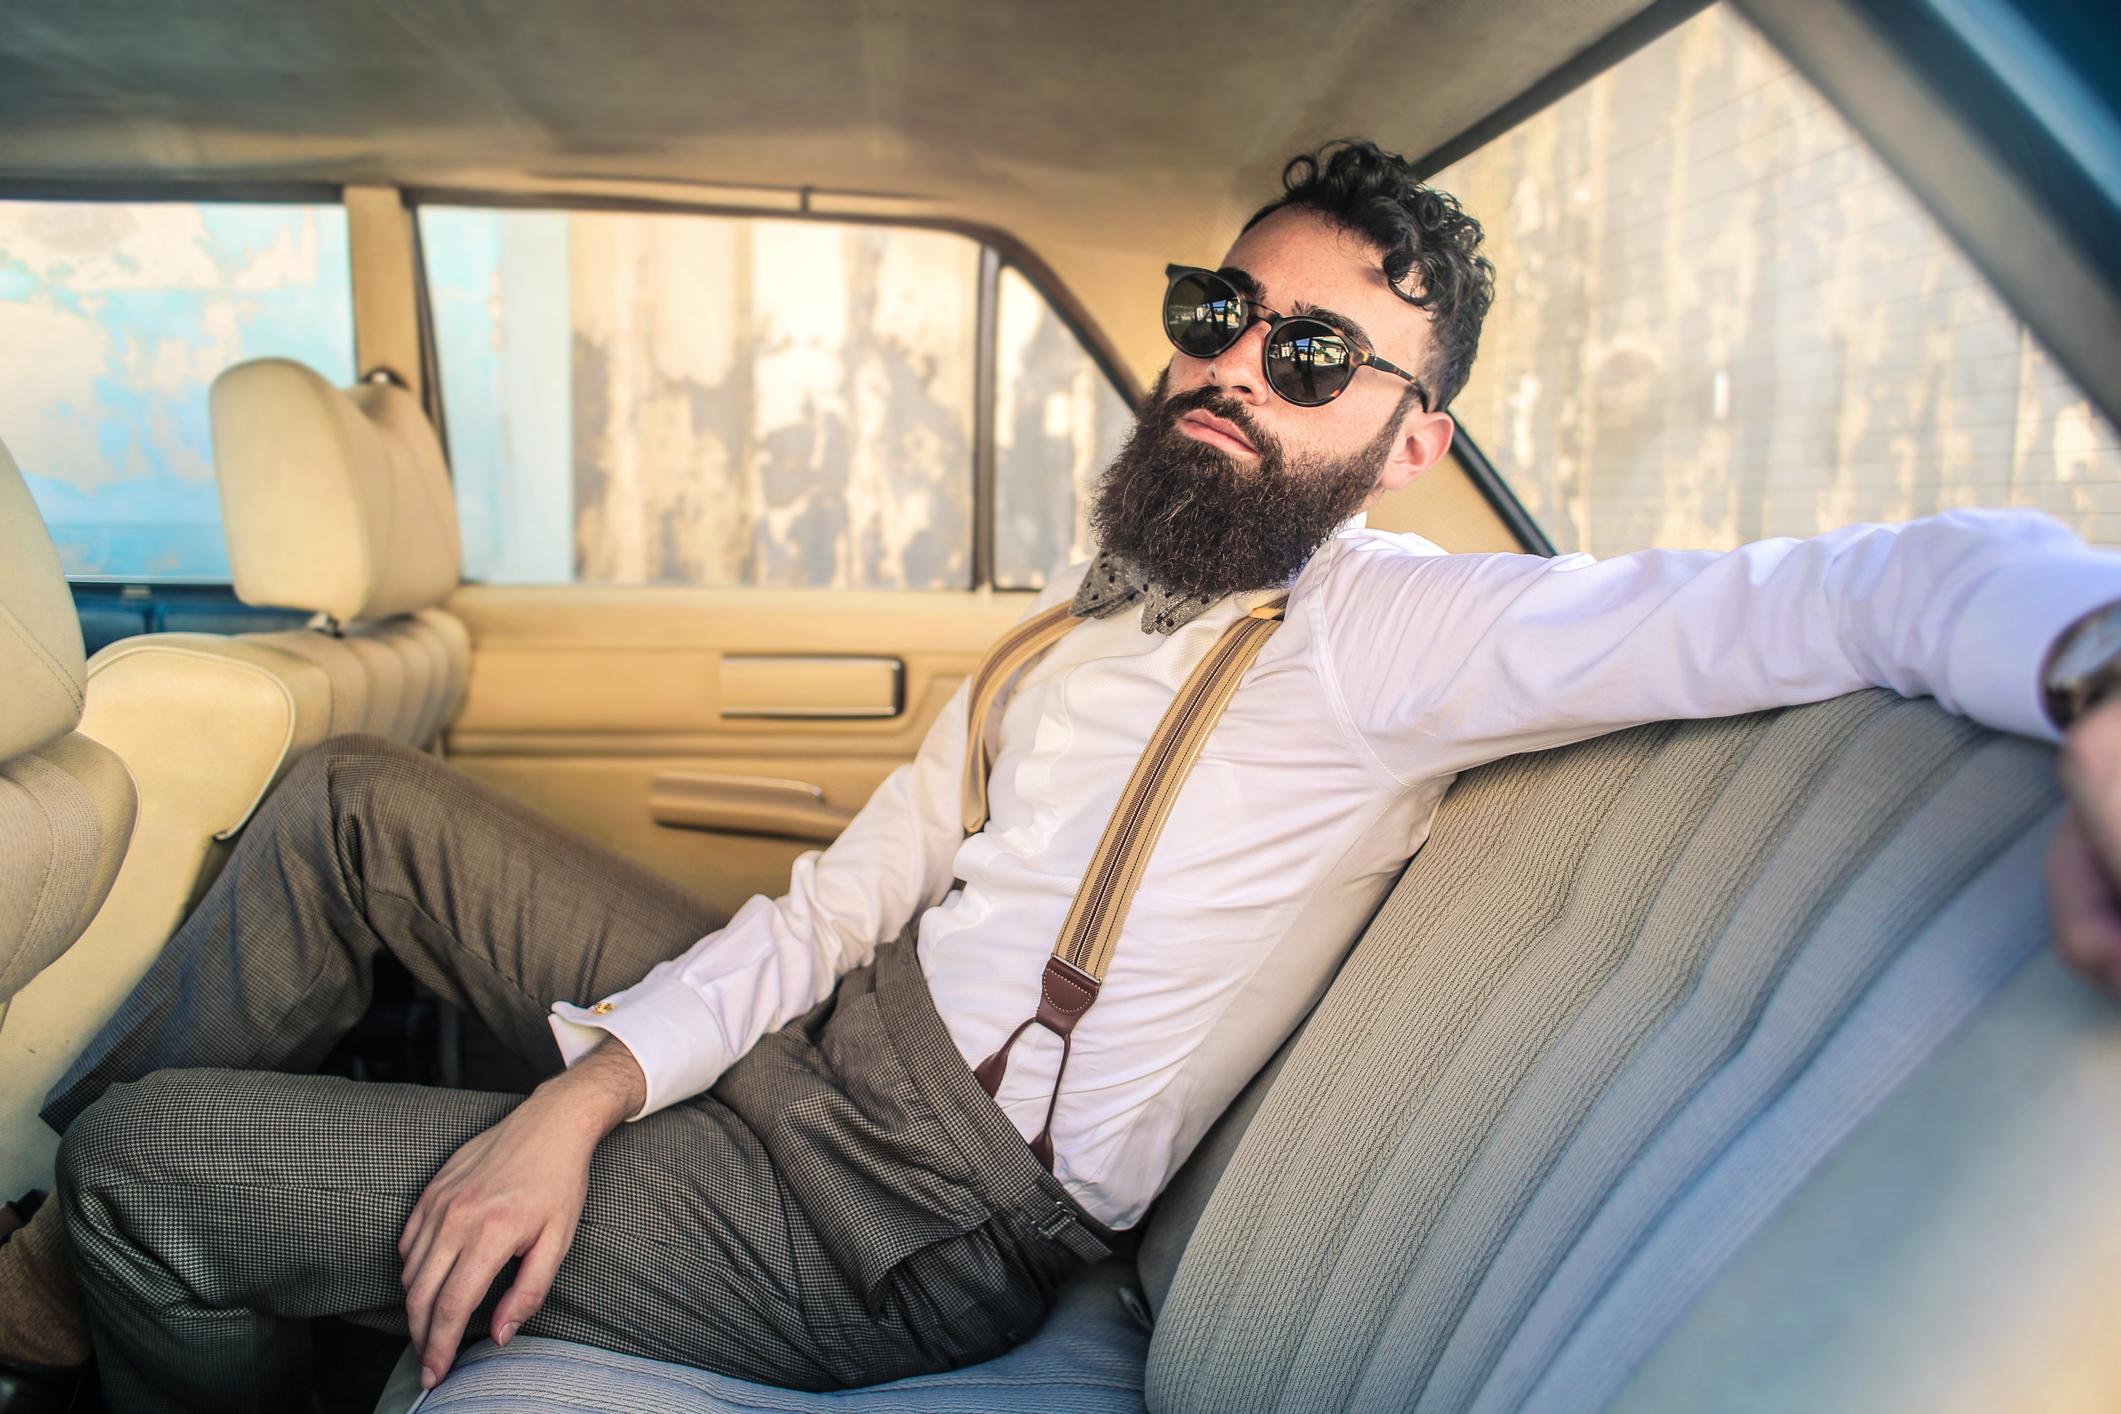 Man sitting in a vintage car